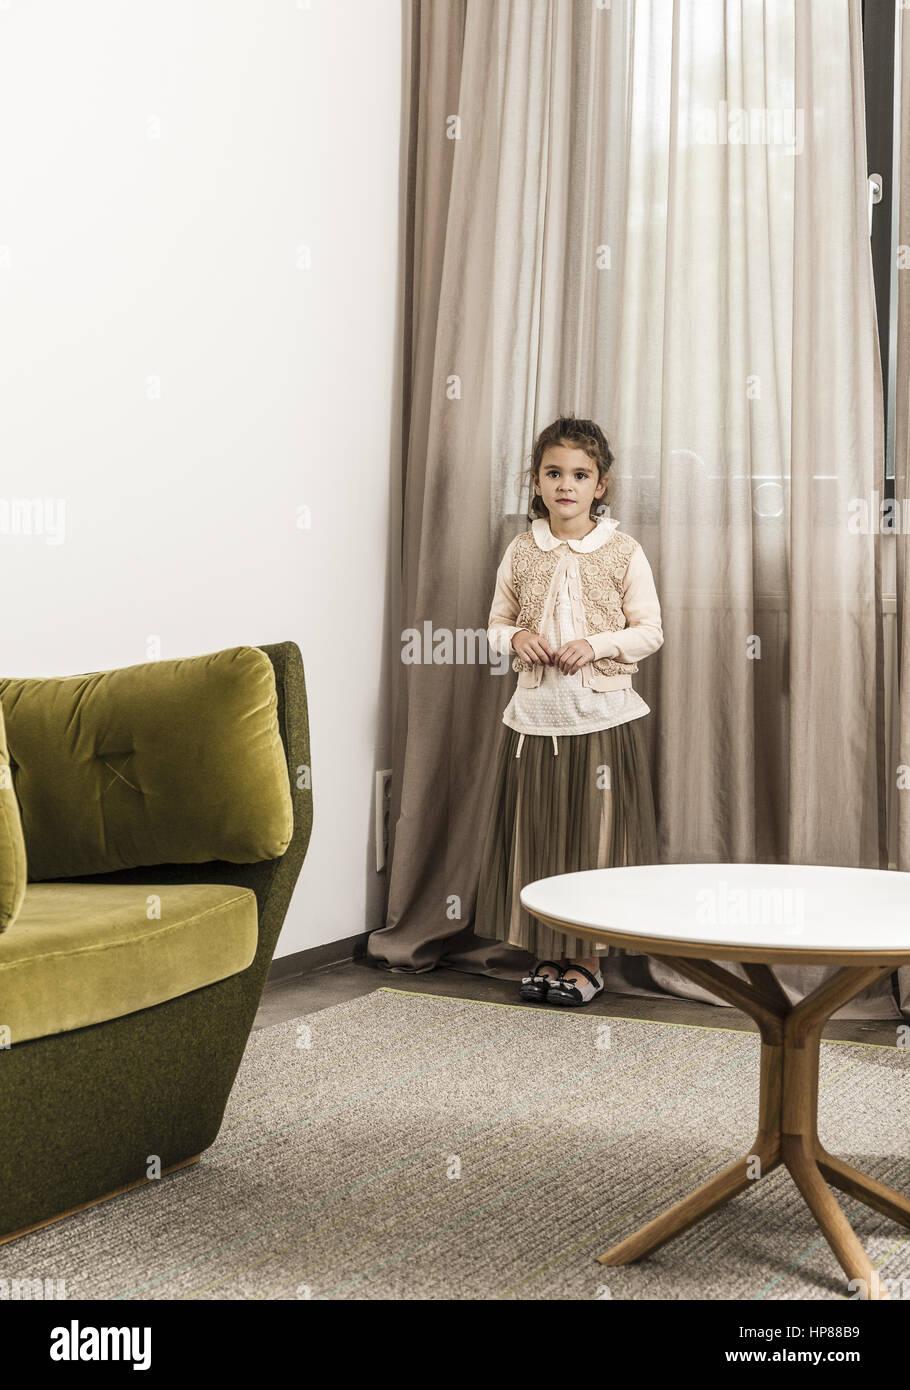 Maedchen steht alleine in einem Zimmer (model-released) - Stock Image